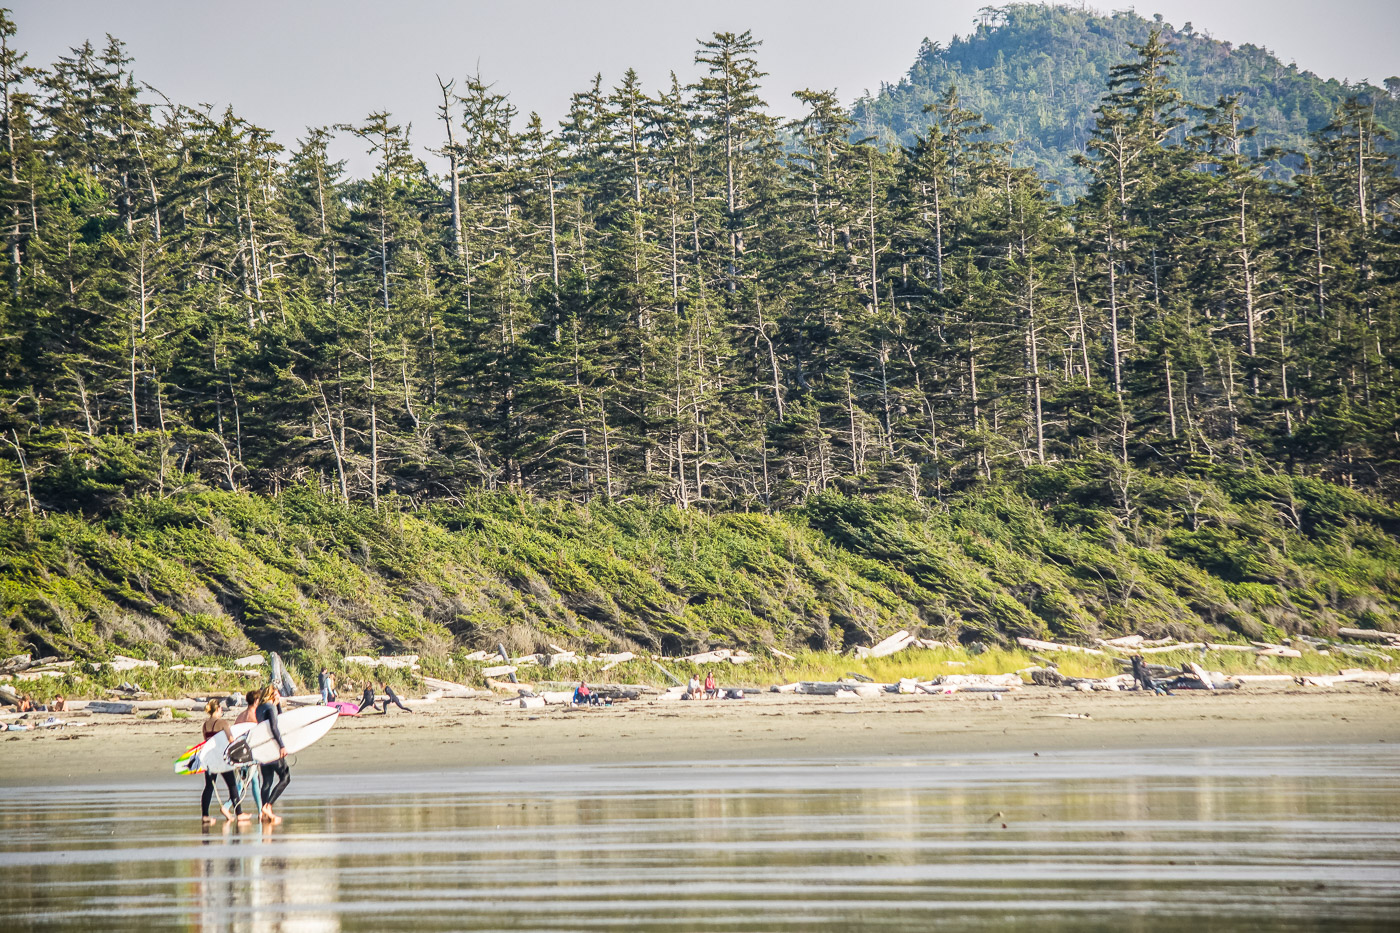 Tofino Vancouver Island Cox Bay